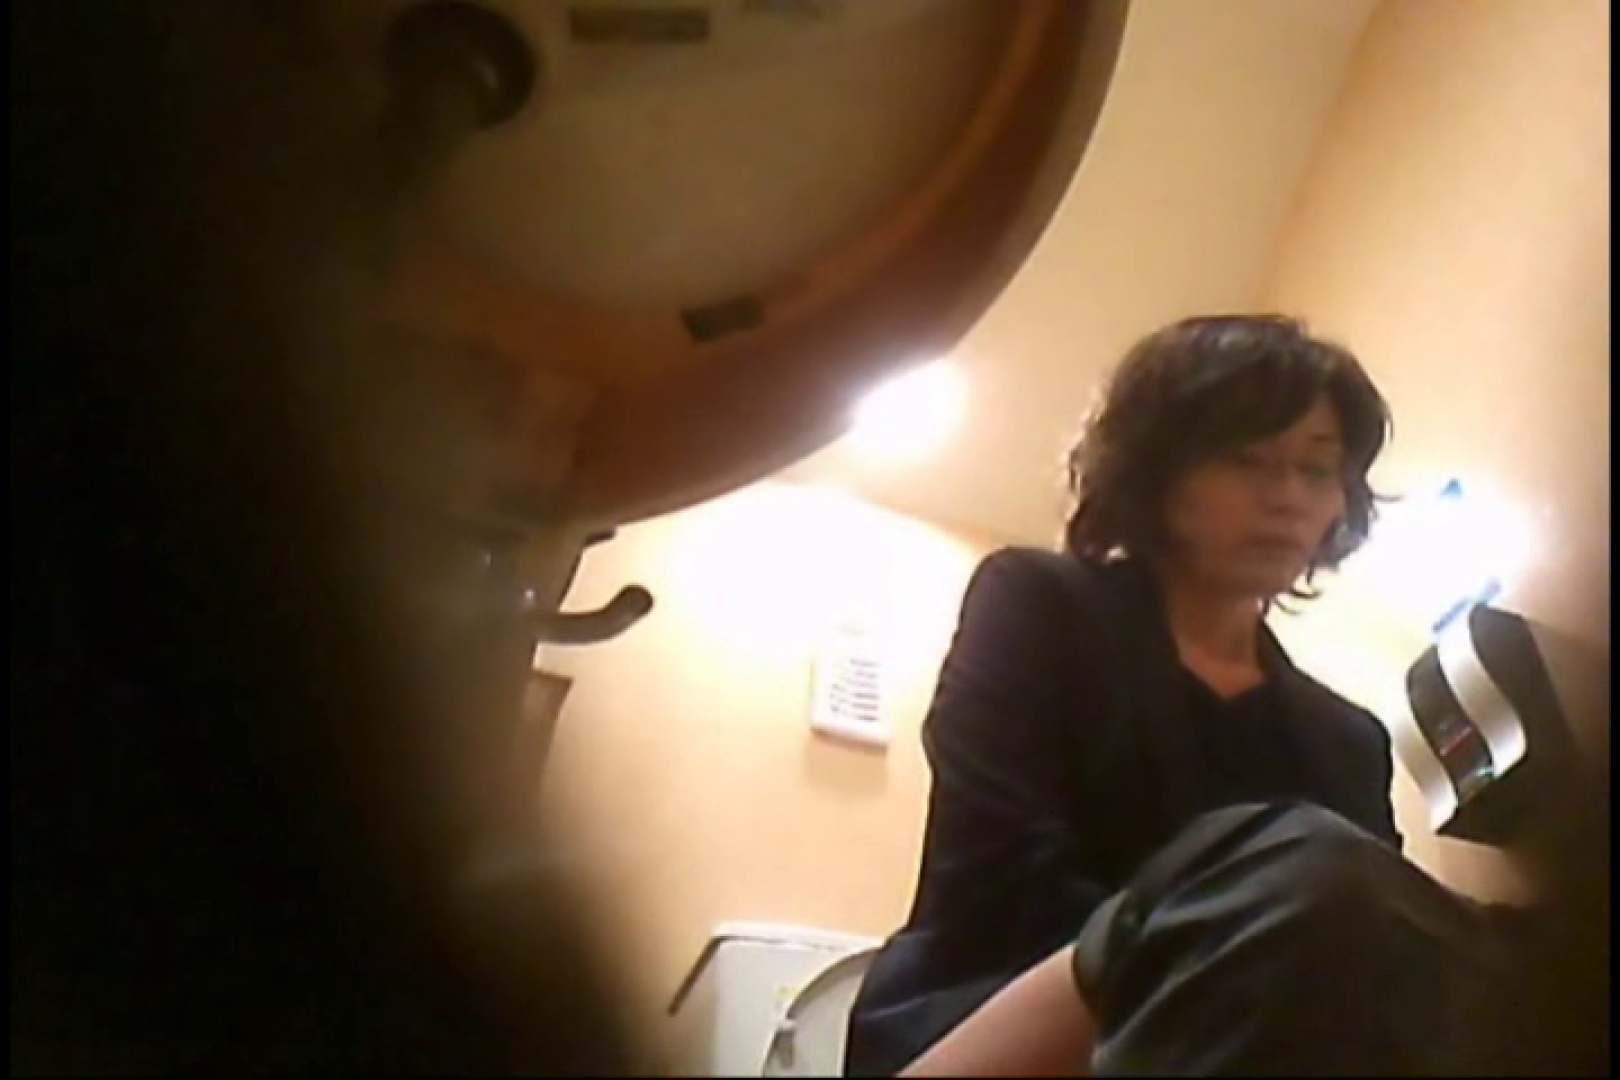 画質向上!新亀さん厠 vol.31 潜入 オマンコ動画キャプチャ 87PIX 62